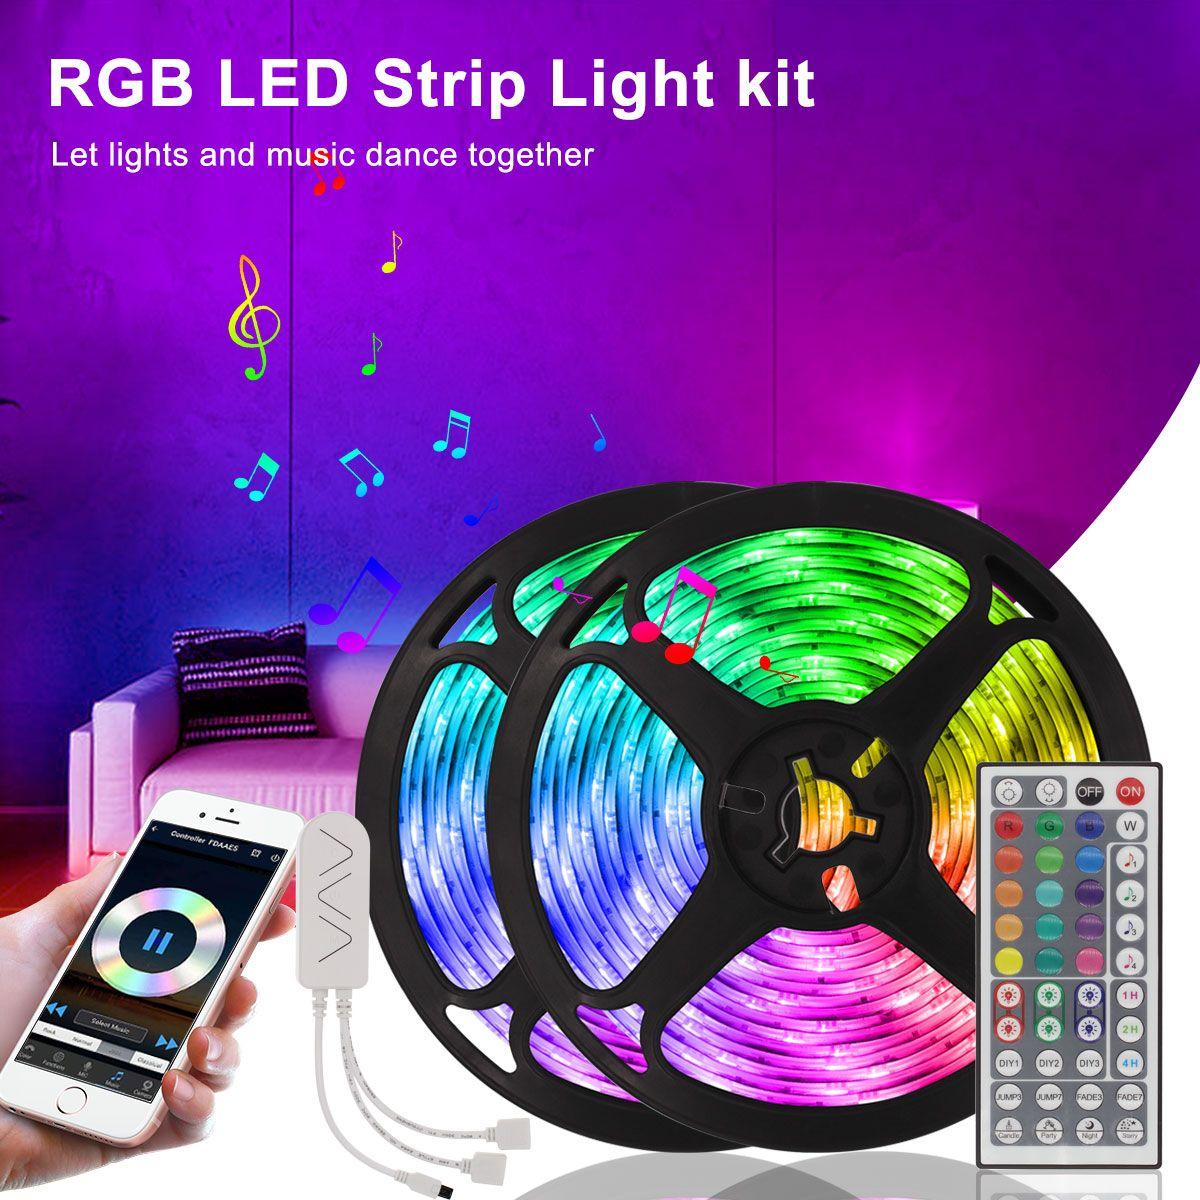 16.4ft 32.8ft 50피트 66피트 LED는 5m 10m 20m 1,500 5,050 RGB LED 조명 스마트 빛 WIFT 블루투스 제어기 스트립 스트립